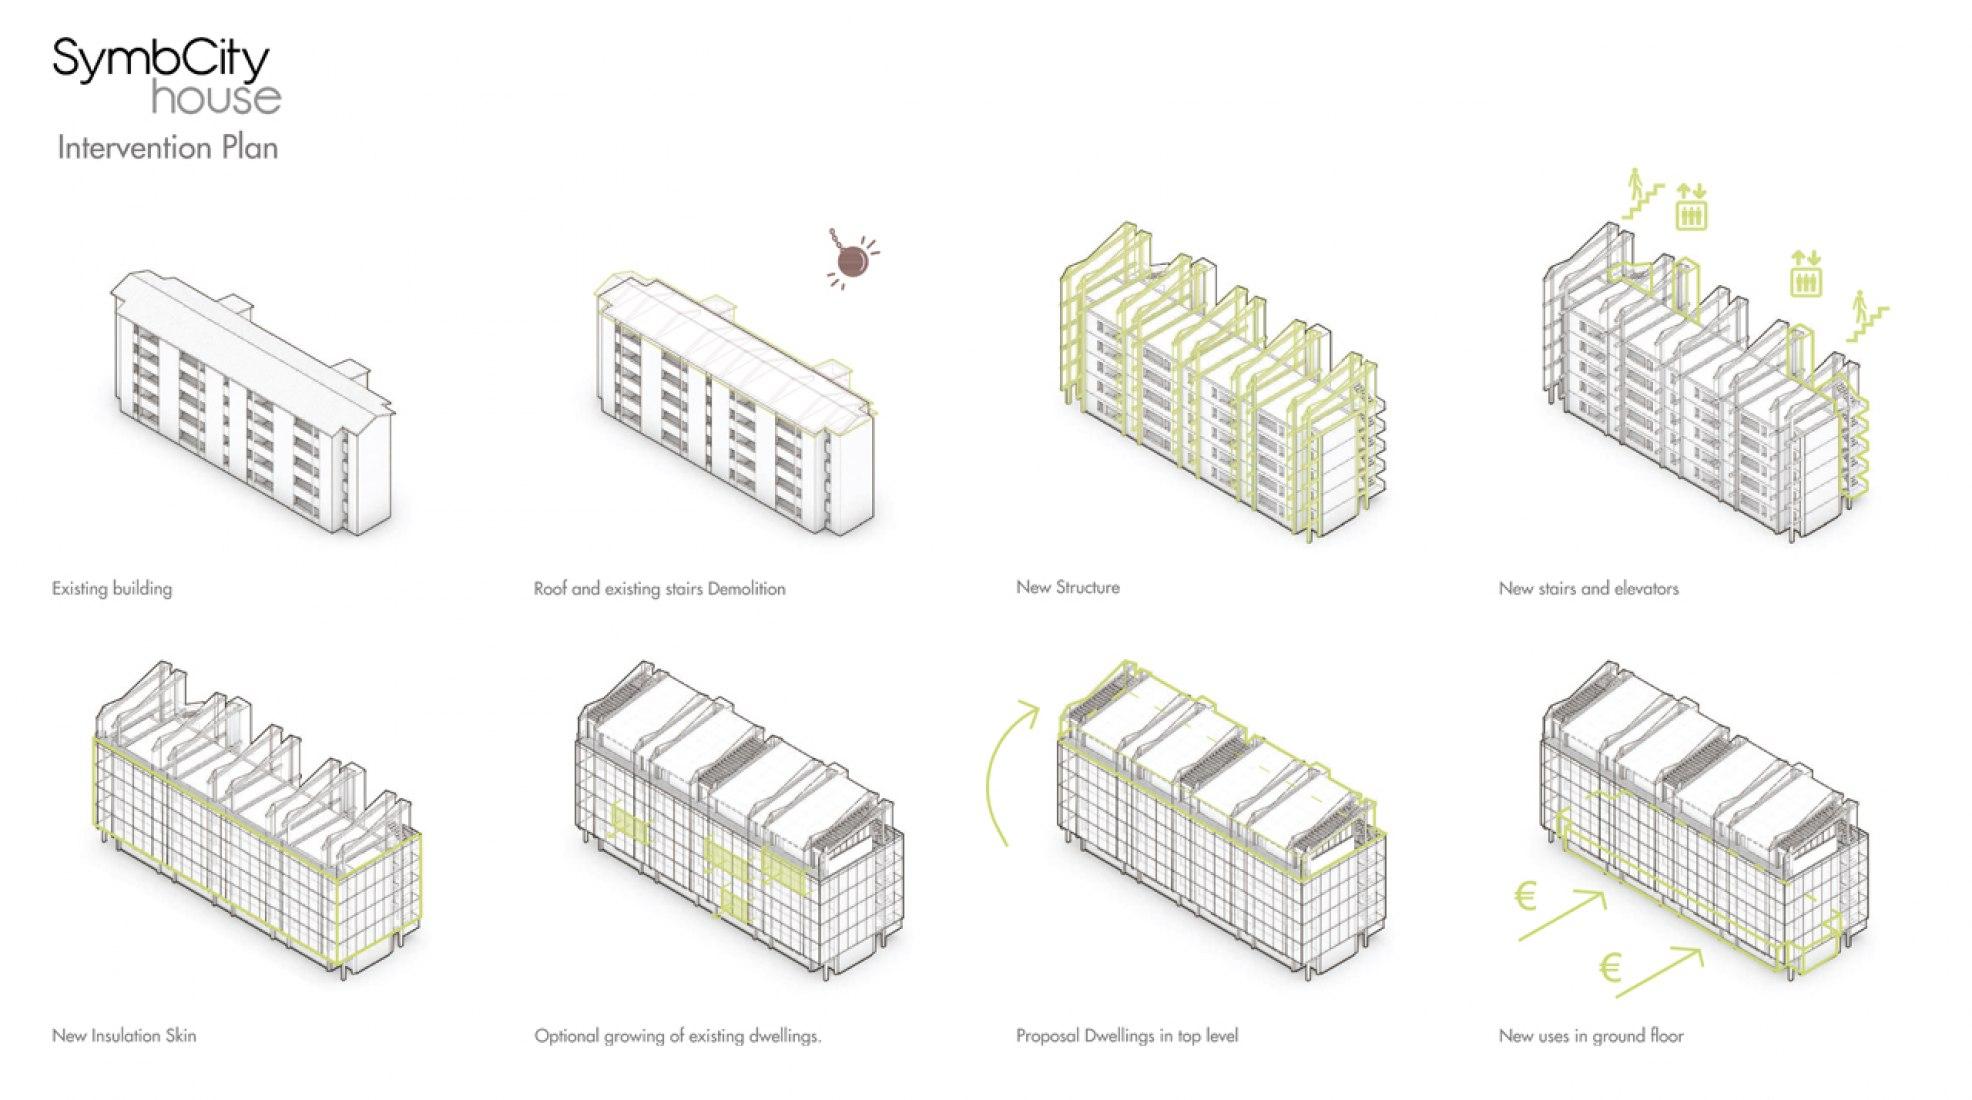 Concepto del proyecto. 'SymbCity House' por Plateau Team. Imagen © cortesía de Plateau Team.